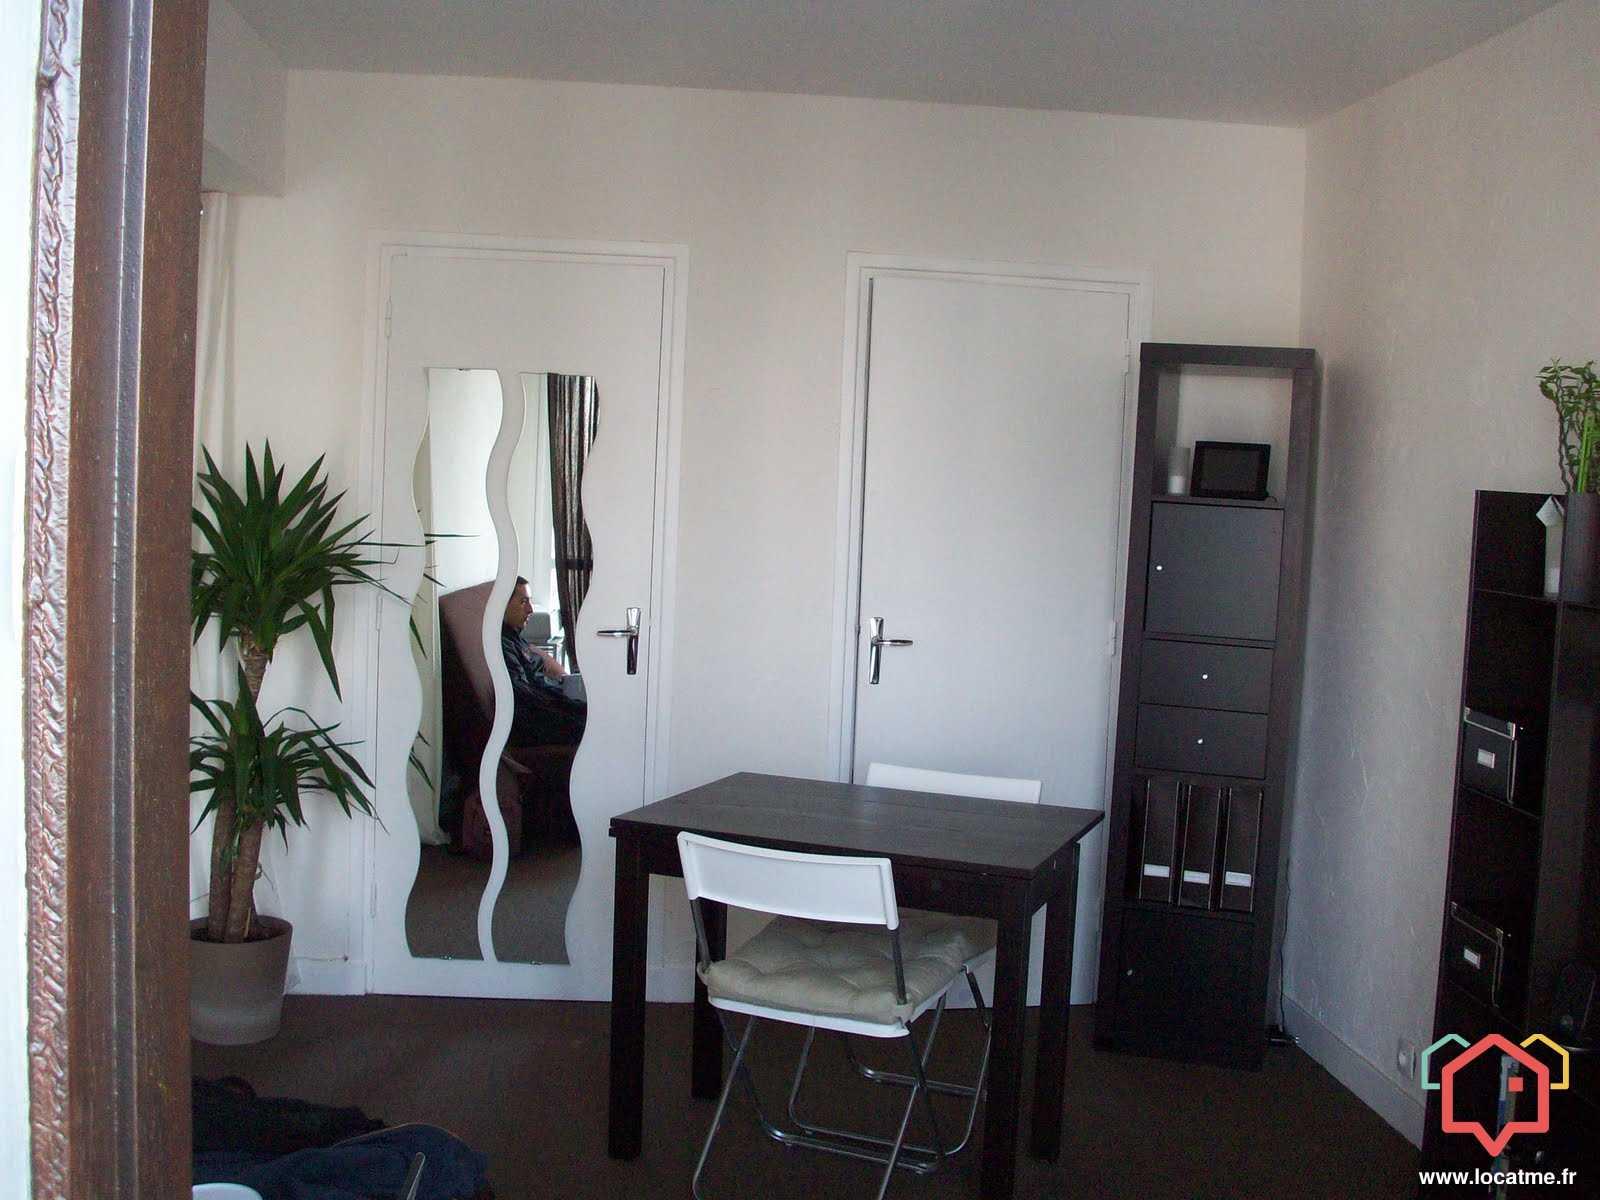 Appartement Meublé à Louer à Saint Etienne